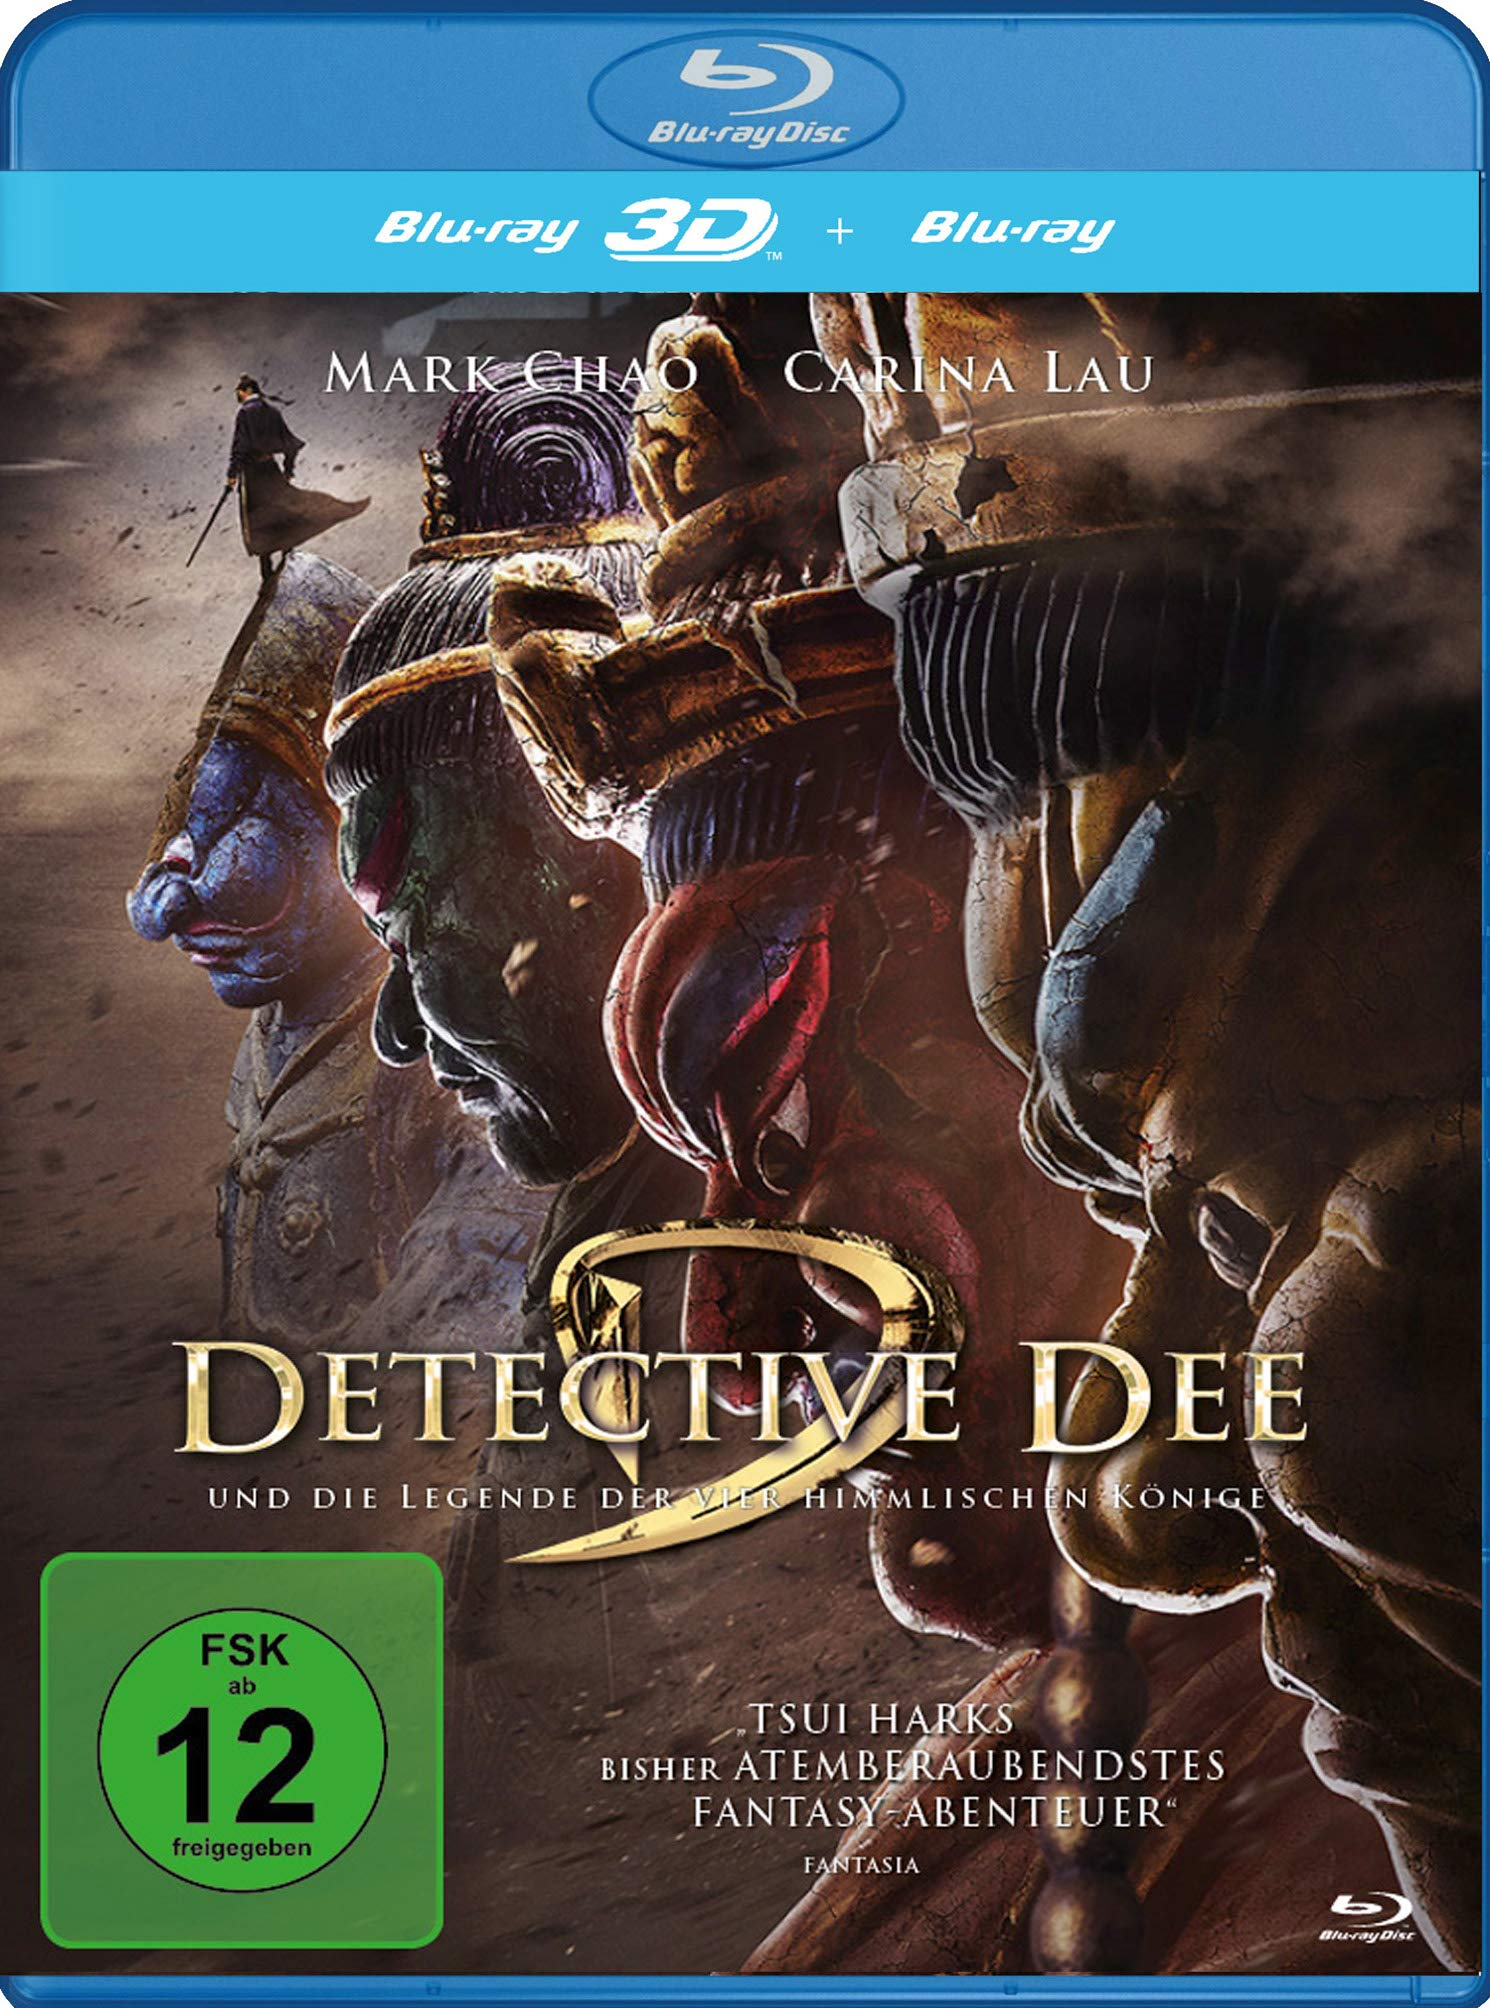 download Detective.Dee.und.die.Legende.der.vier.himmlischen.Koenige.2018.German.DTS.1080p.Bluray.x264-LeetHD